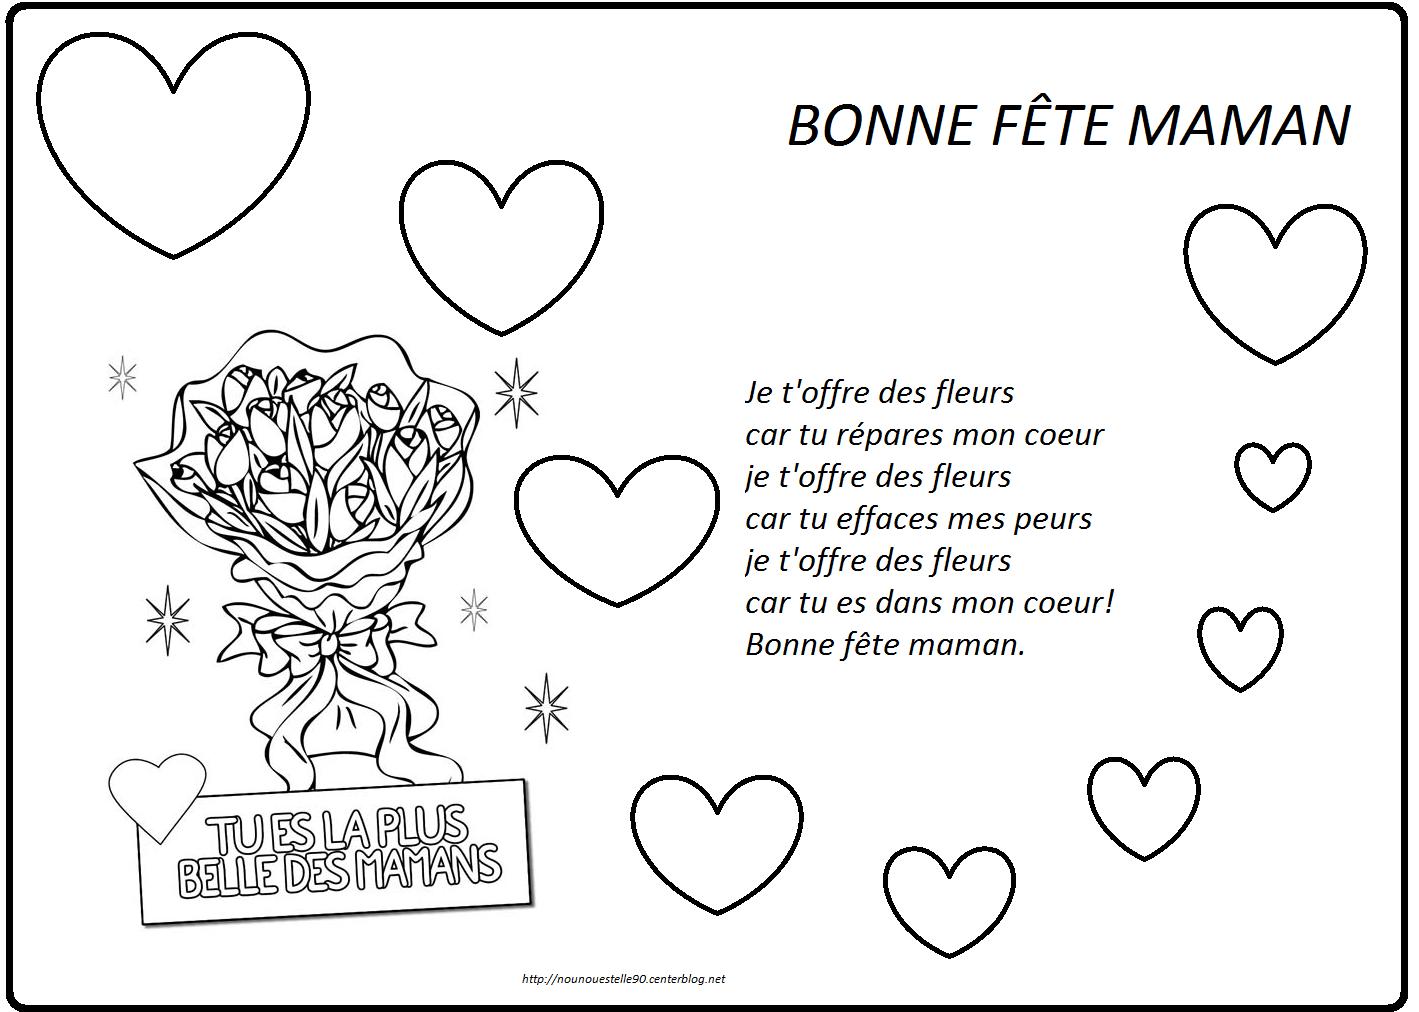 Poeme fete des meres - Dessin bonne fete maman ...